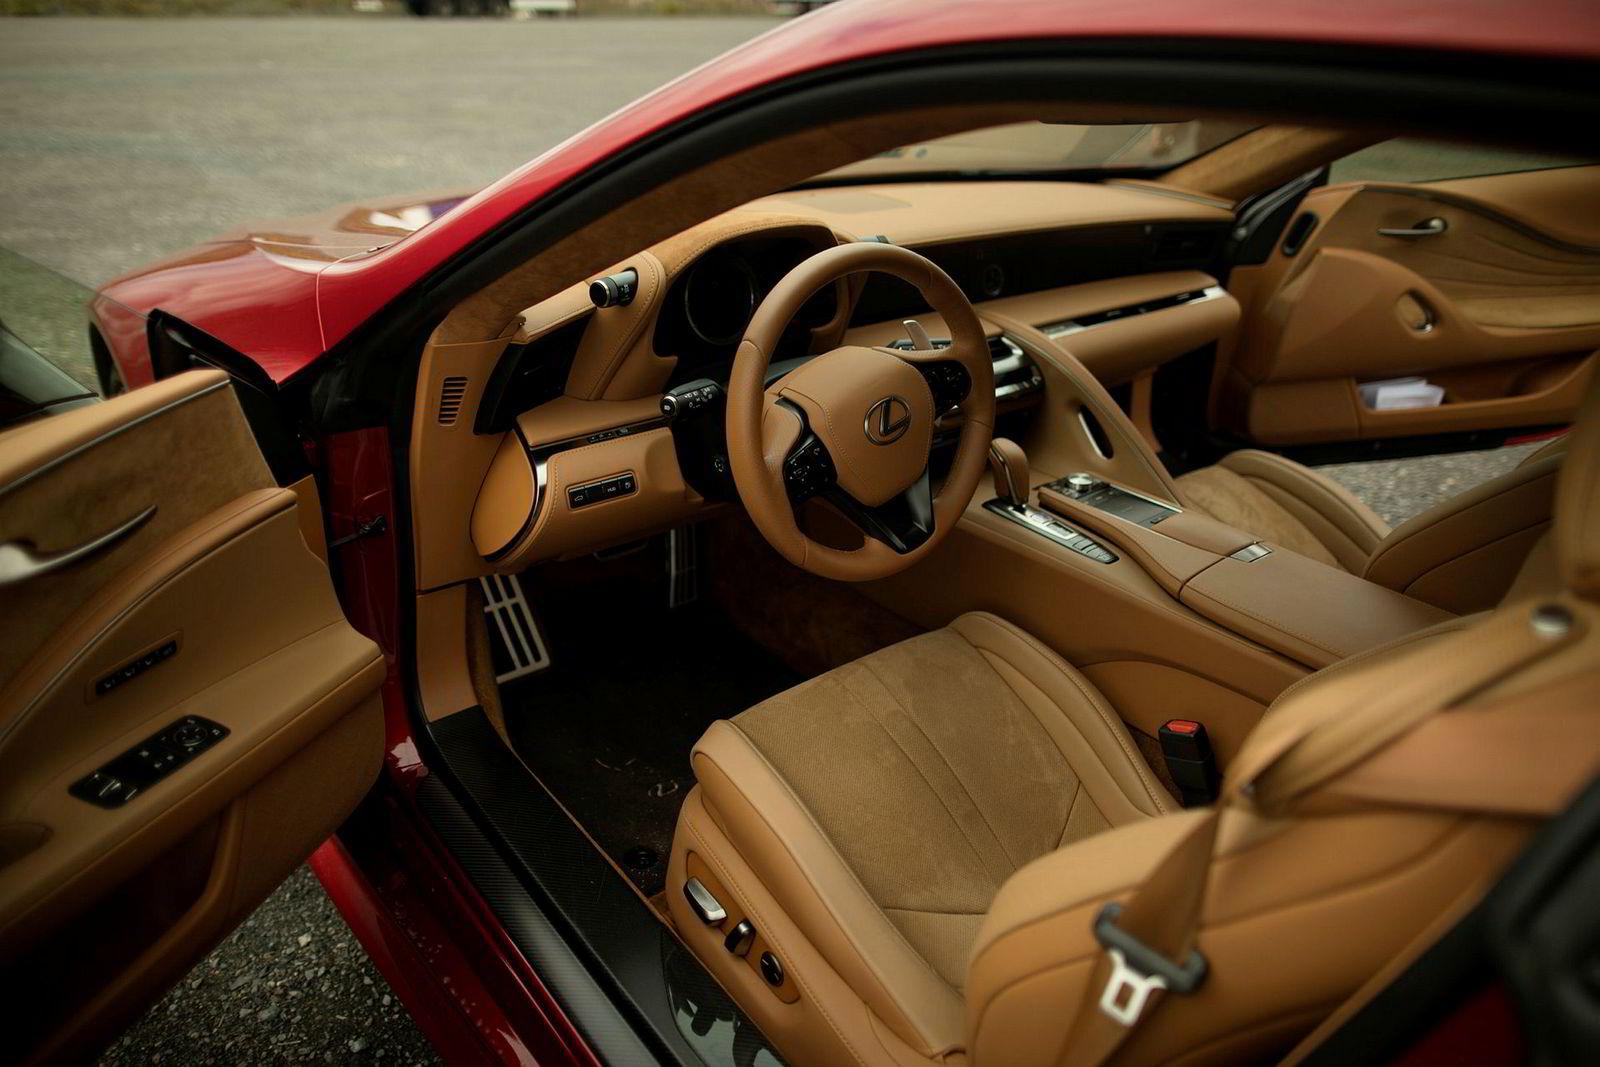 Ingen lager like gjennomførte interiører som Lexus.